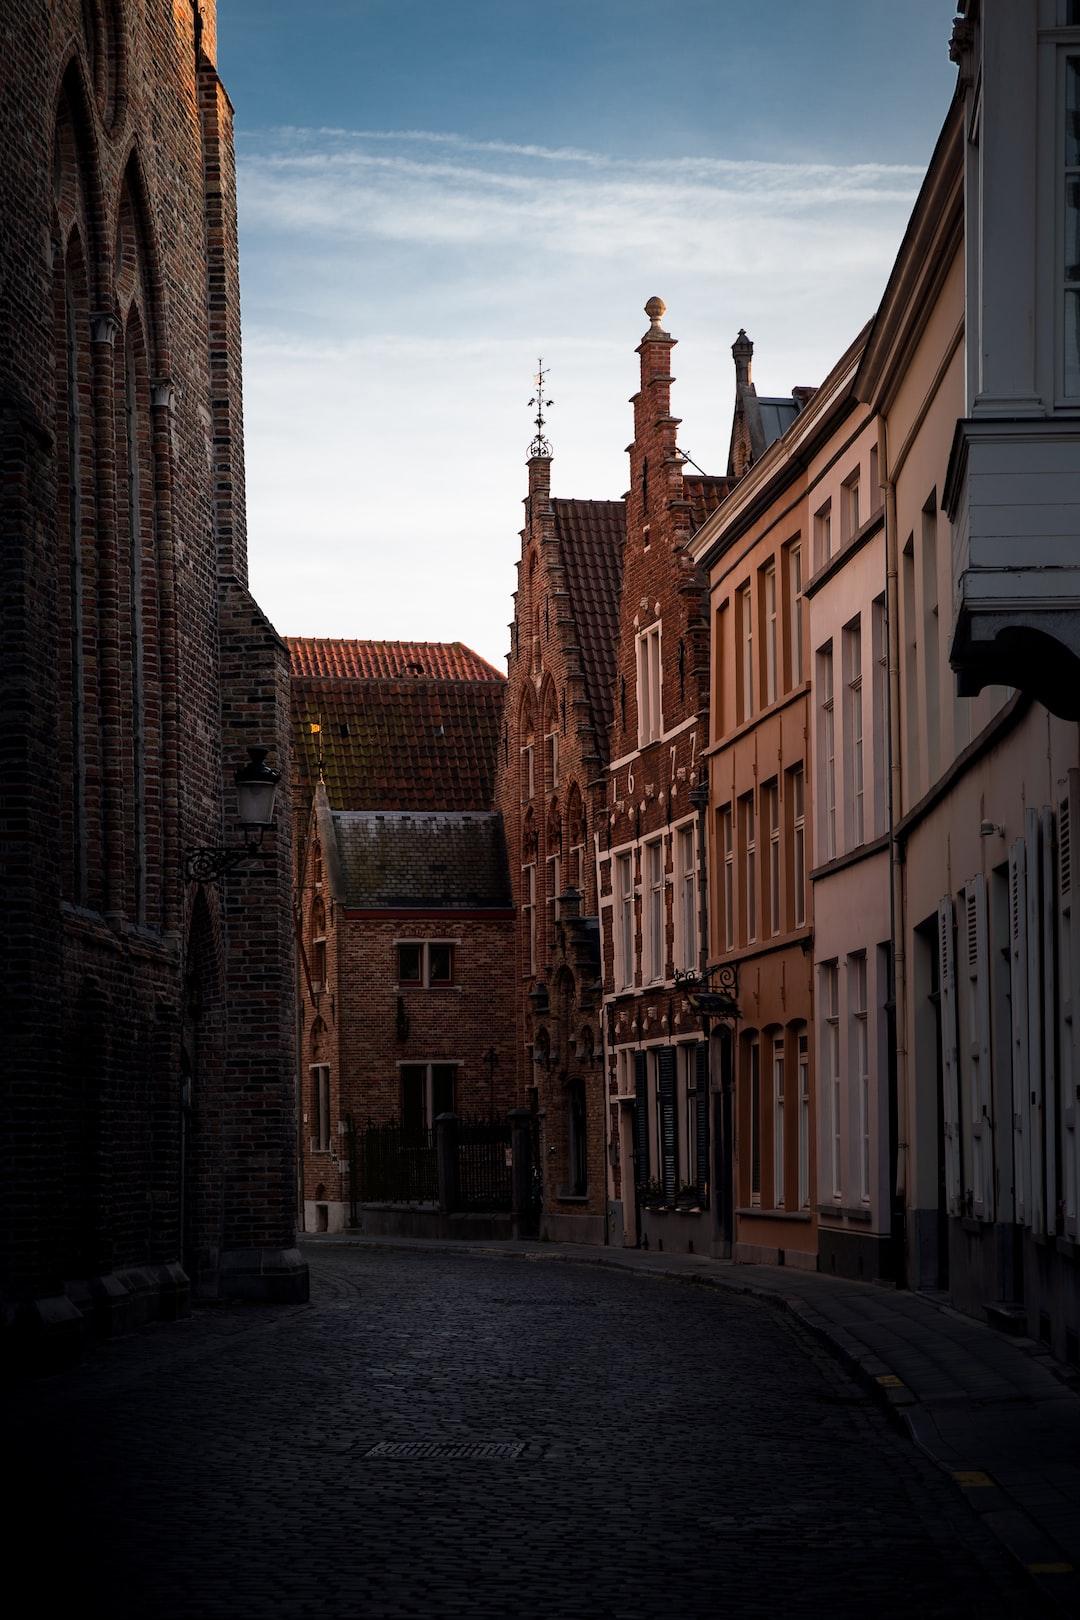 An old street in Bruges.